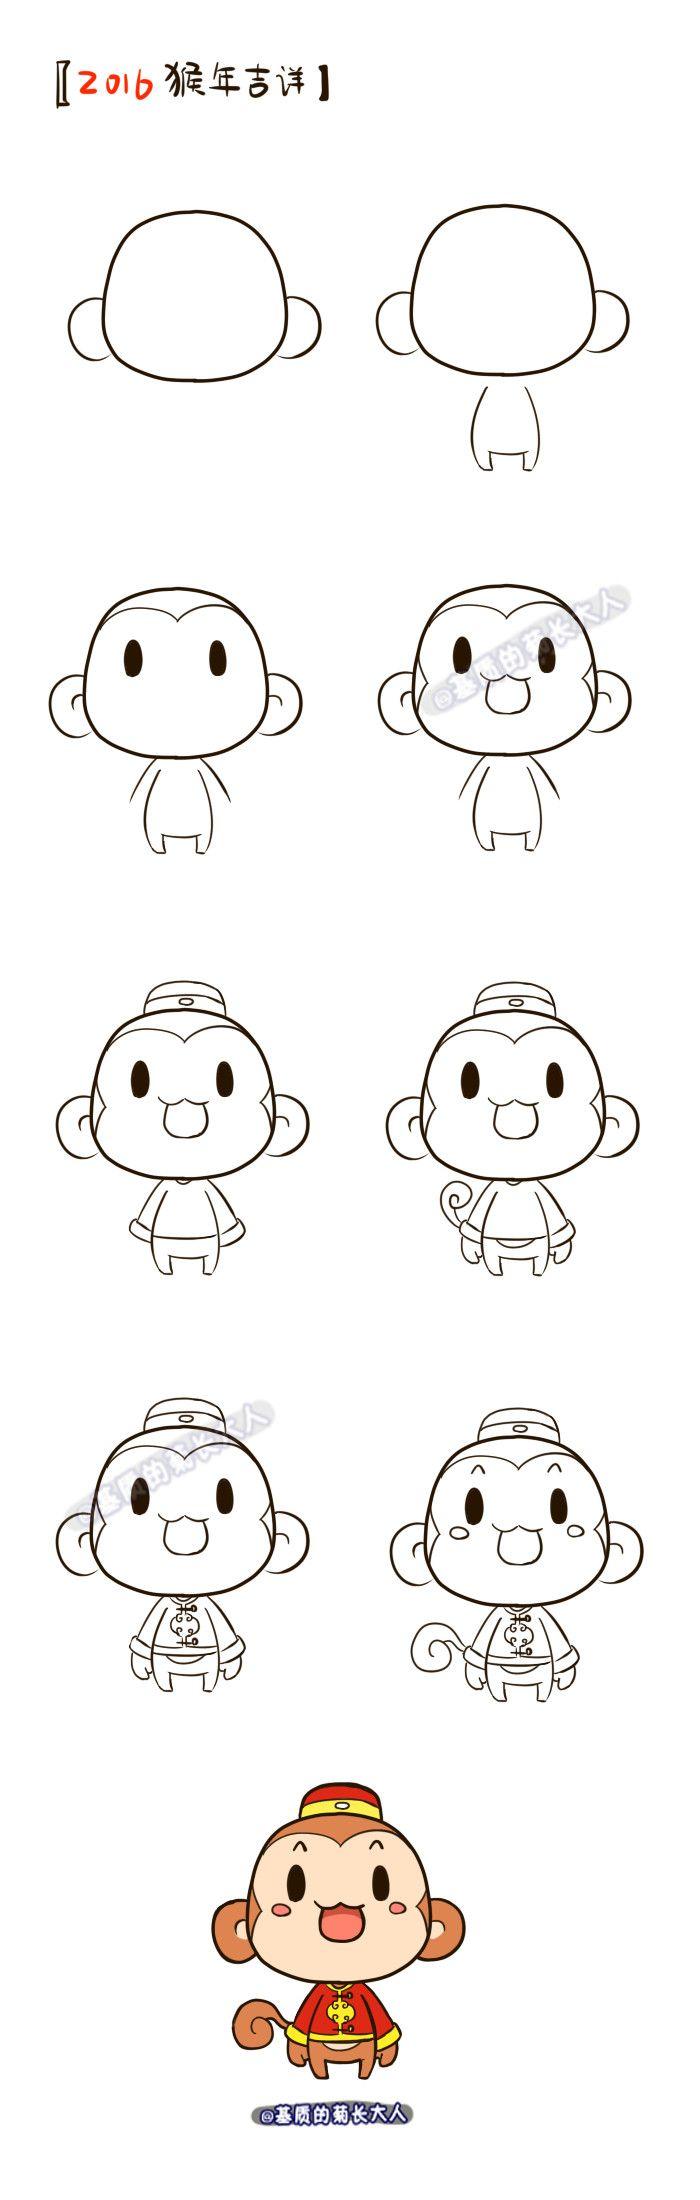 2016新年快乐萌猴 Drawrings Doodle Drawings Monkey